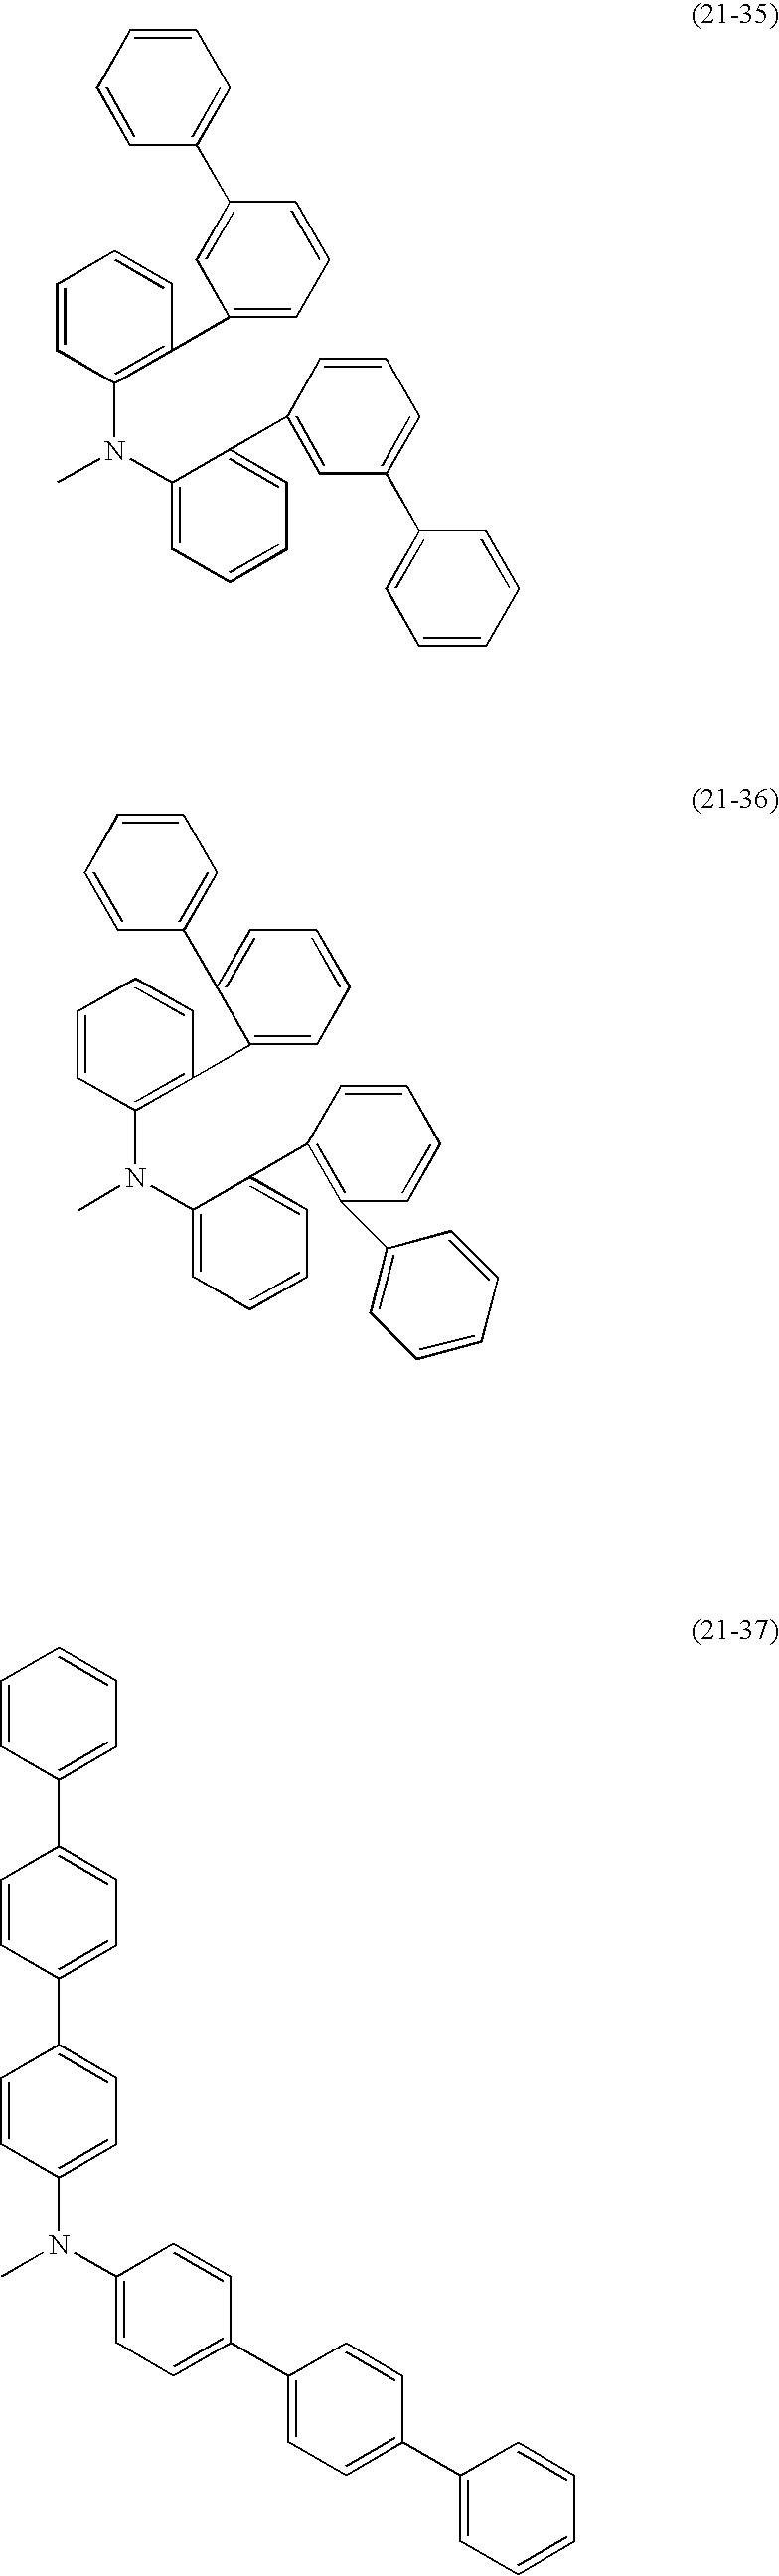 Figure US08178216-20120515-C00025